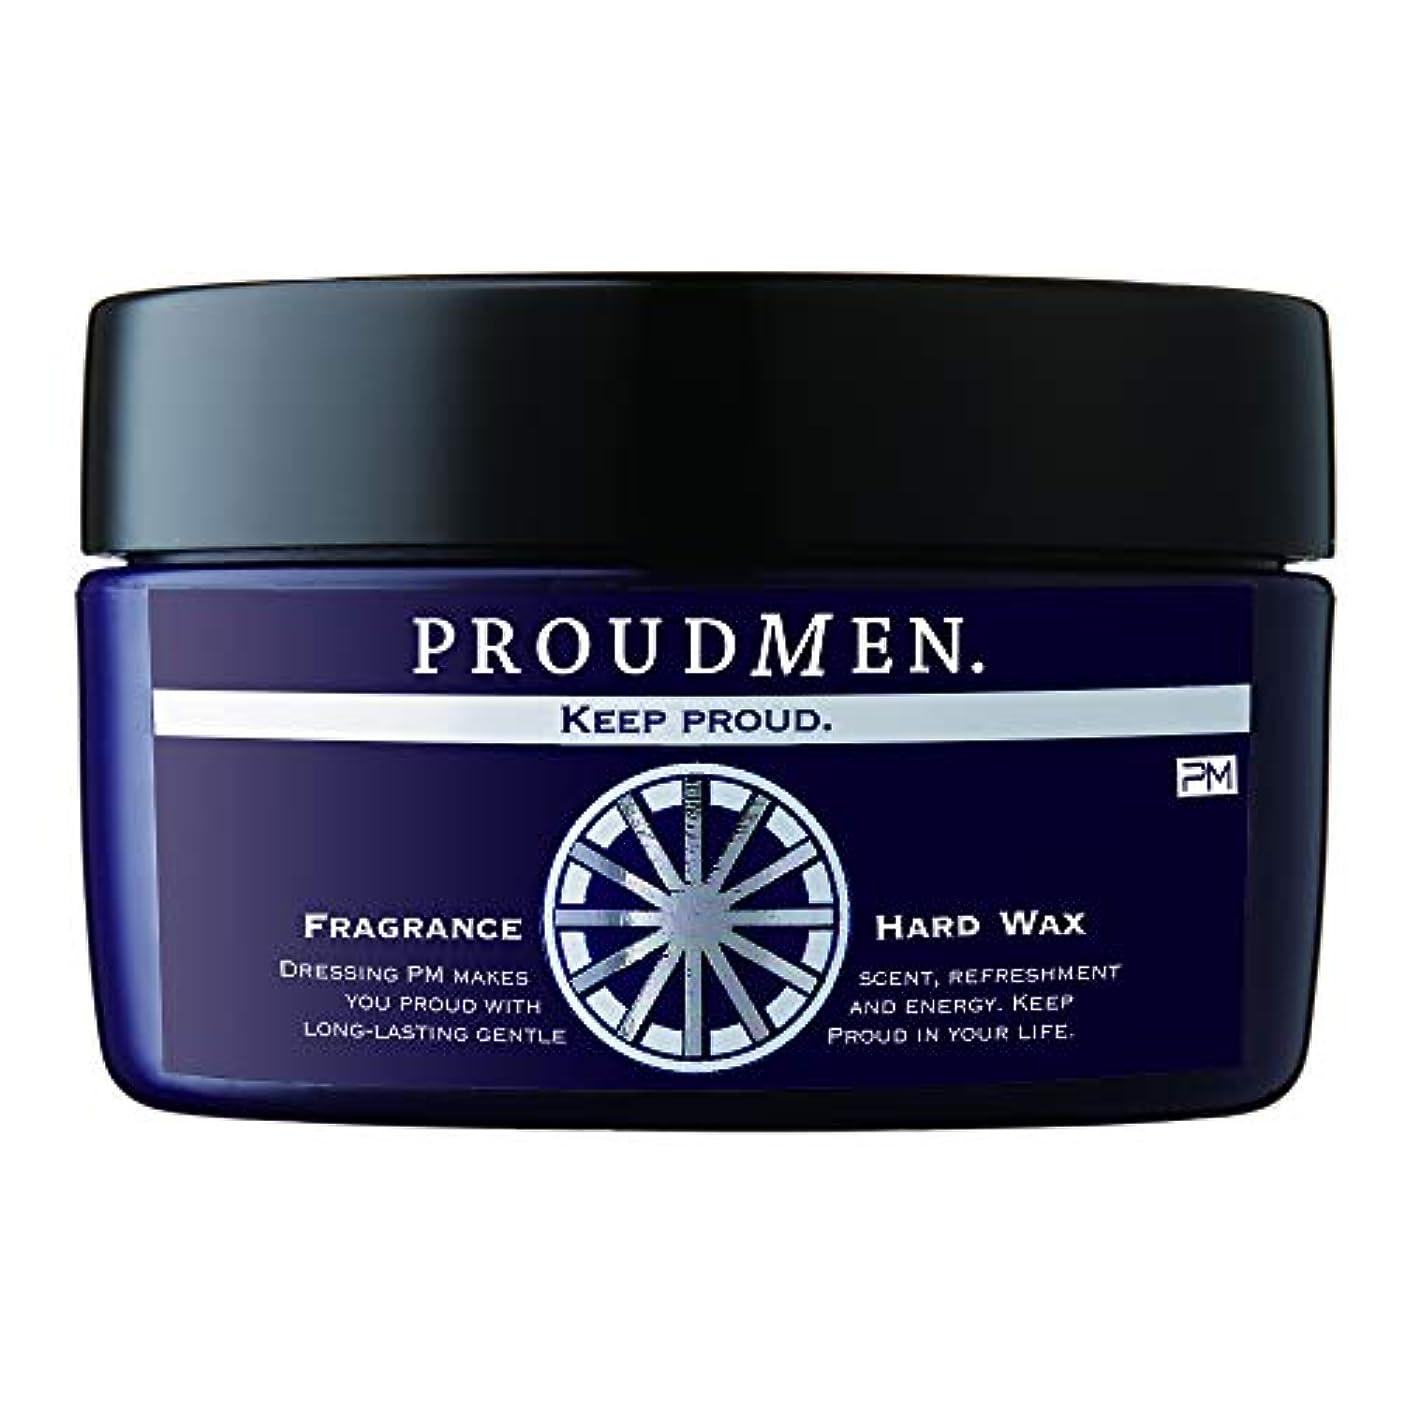 フクロウ胃カスタムプラウドメン フレグランスハードワックス 60g (グルーミング?シトラスの香り) 整髪料 スタイリング剤 ヘアワックス メンズ 男性